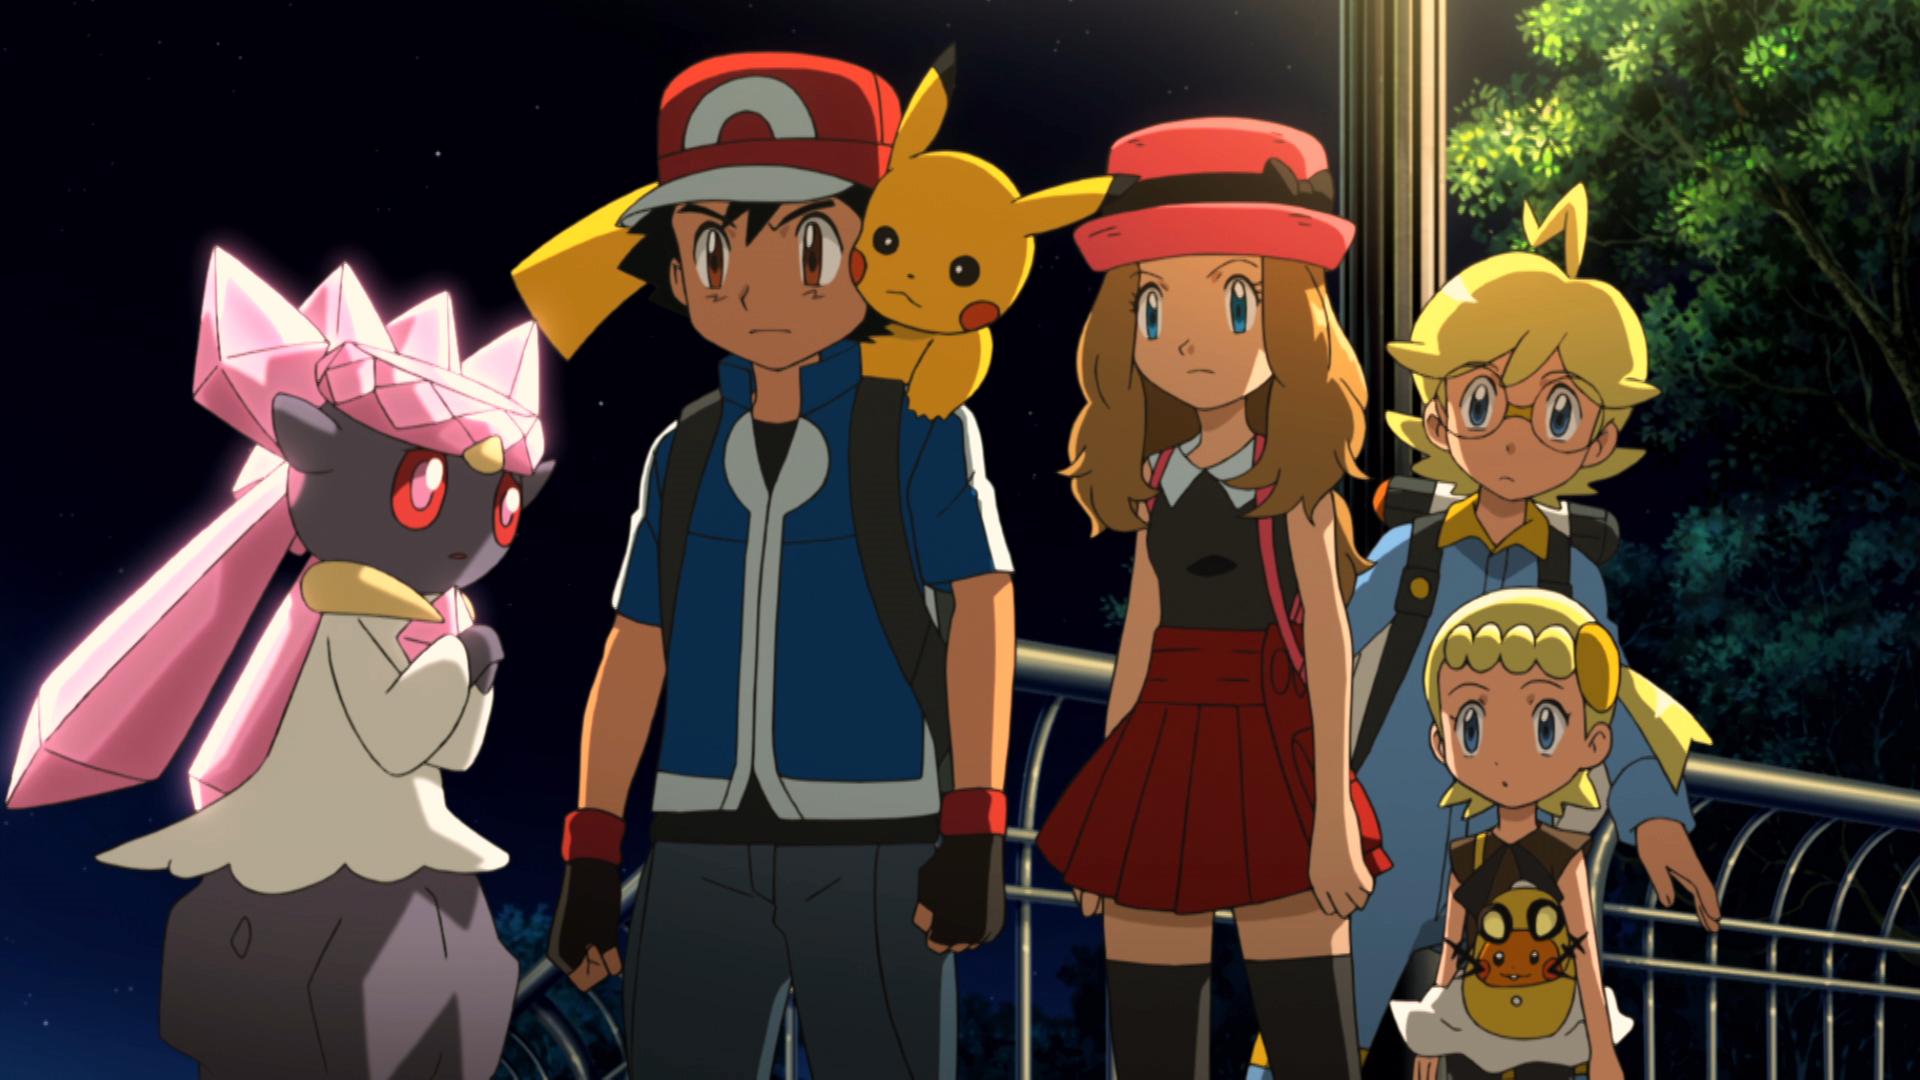 Pokémon Il Film - Diancie e il Bozzolo della Distruzione: un'immagine tratta dal film animato